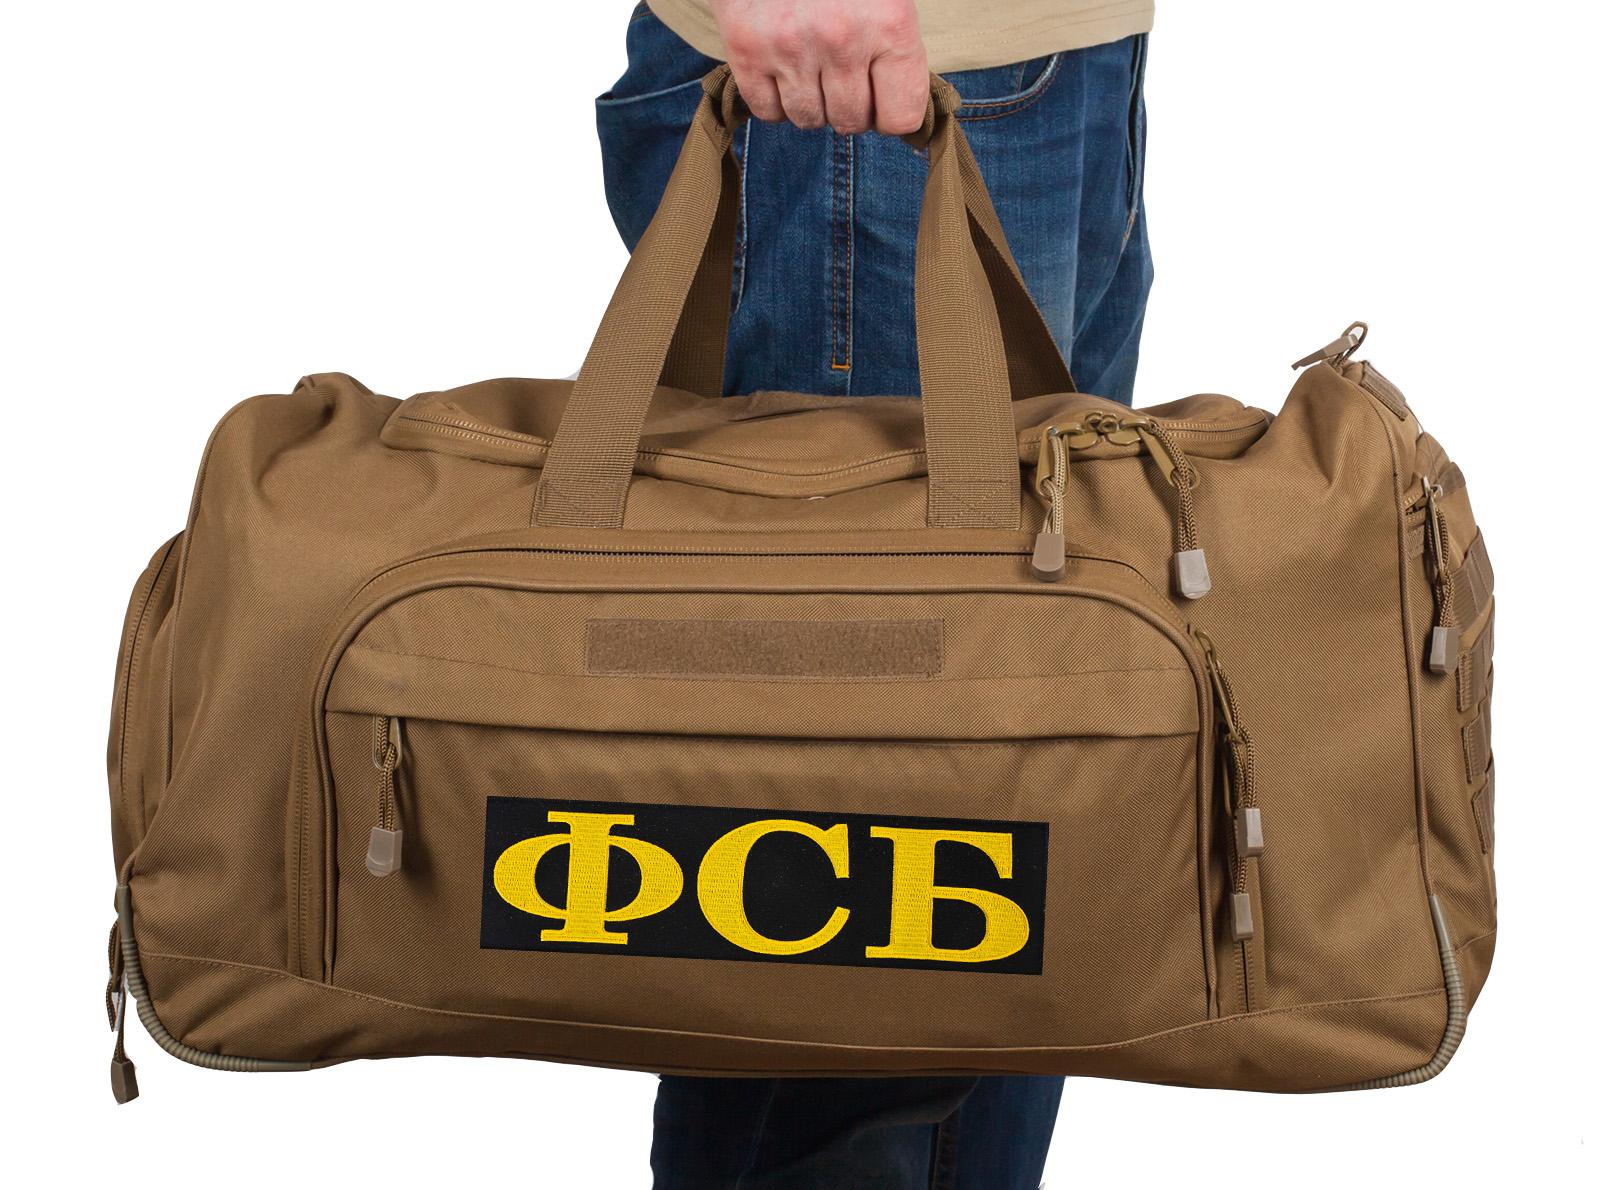 Купить походная сумка ФСБ 08032B Coyote по выгодной цене онлайн